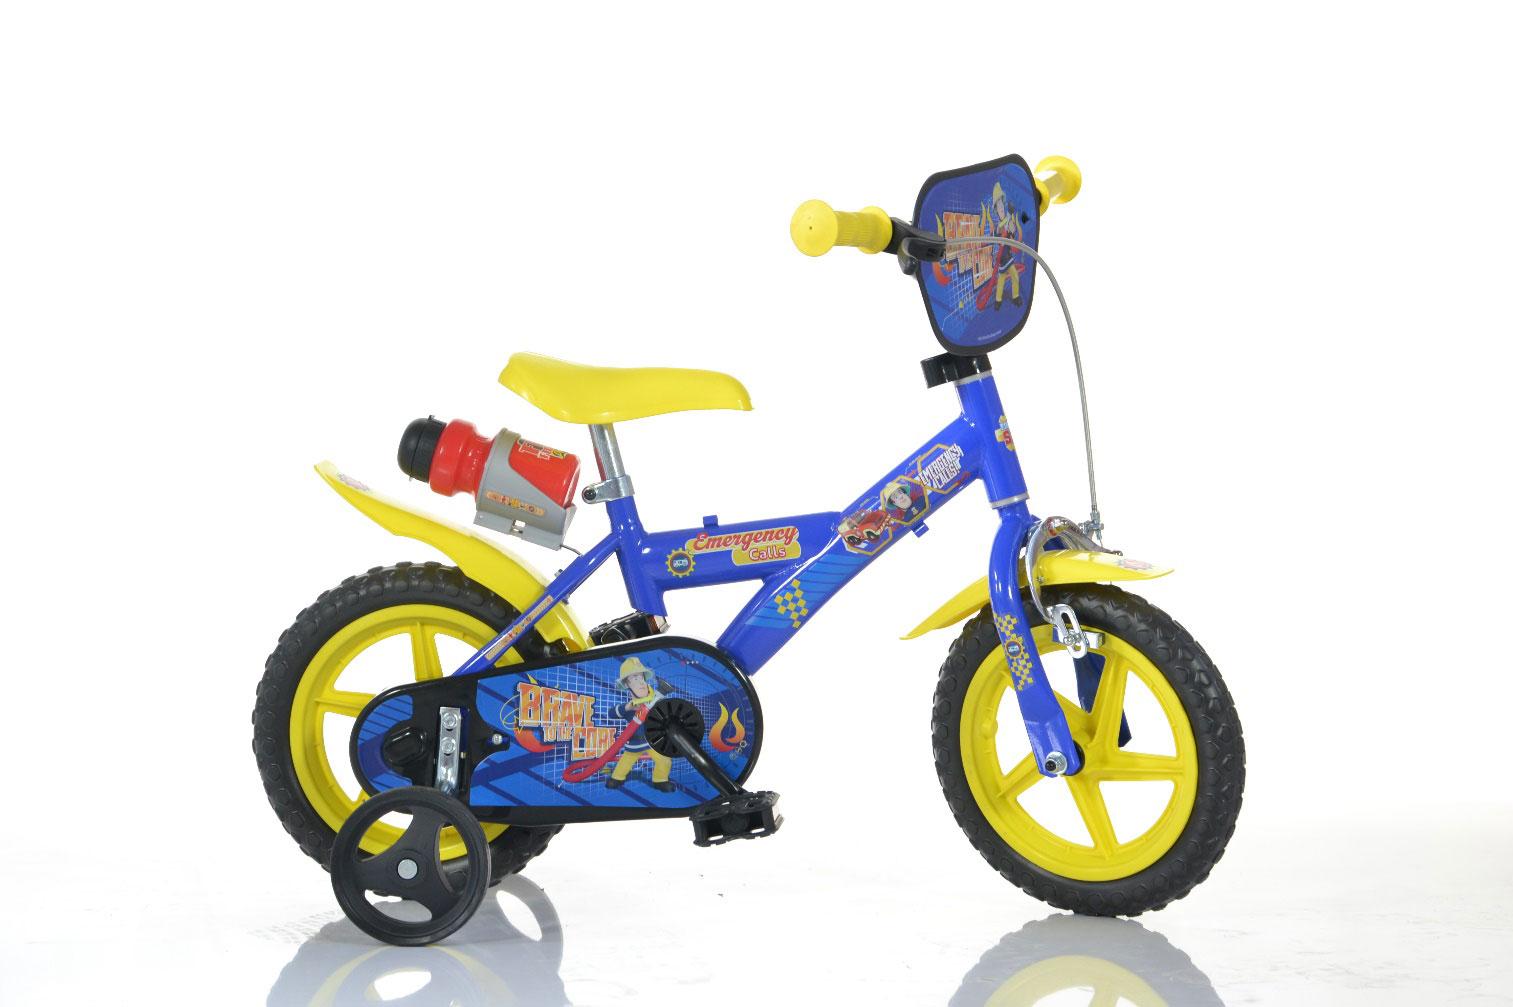 Scegli la bicicletta Dino Bikes Sam il Pompiere